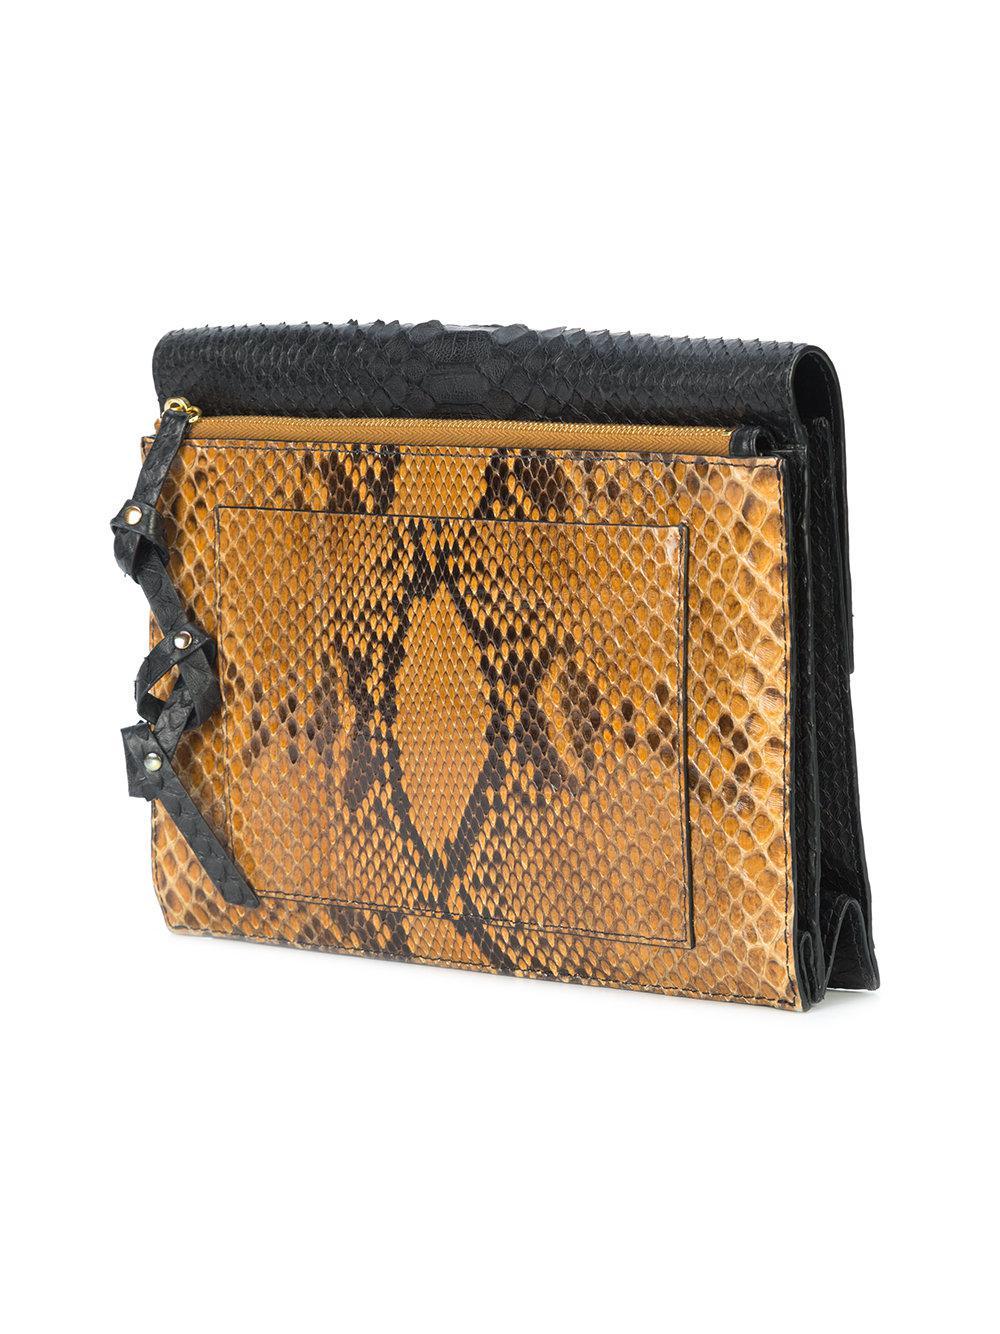 Hayward Pre-owned - Clutch bag KWrg7iEW